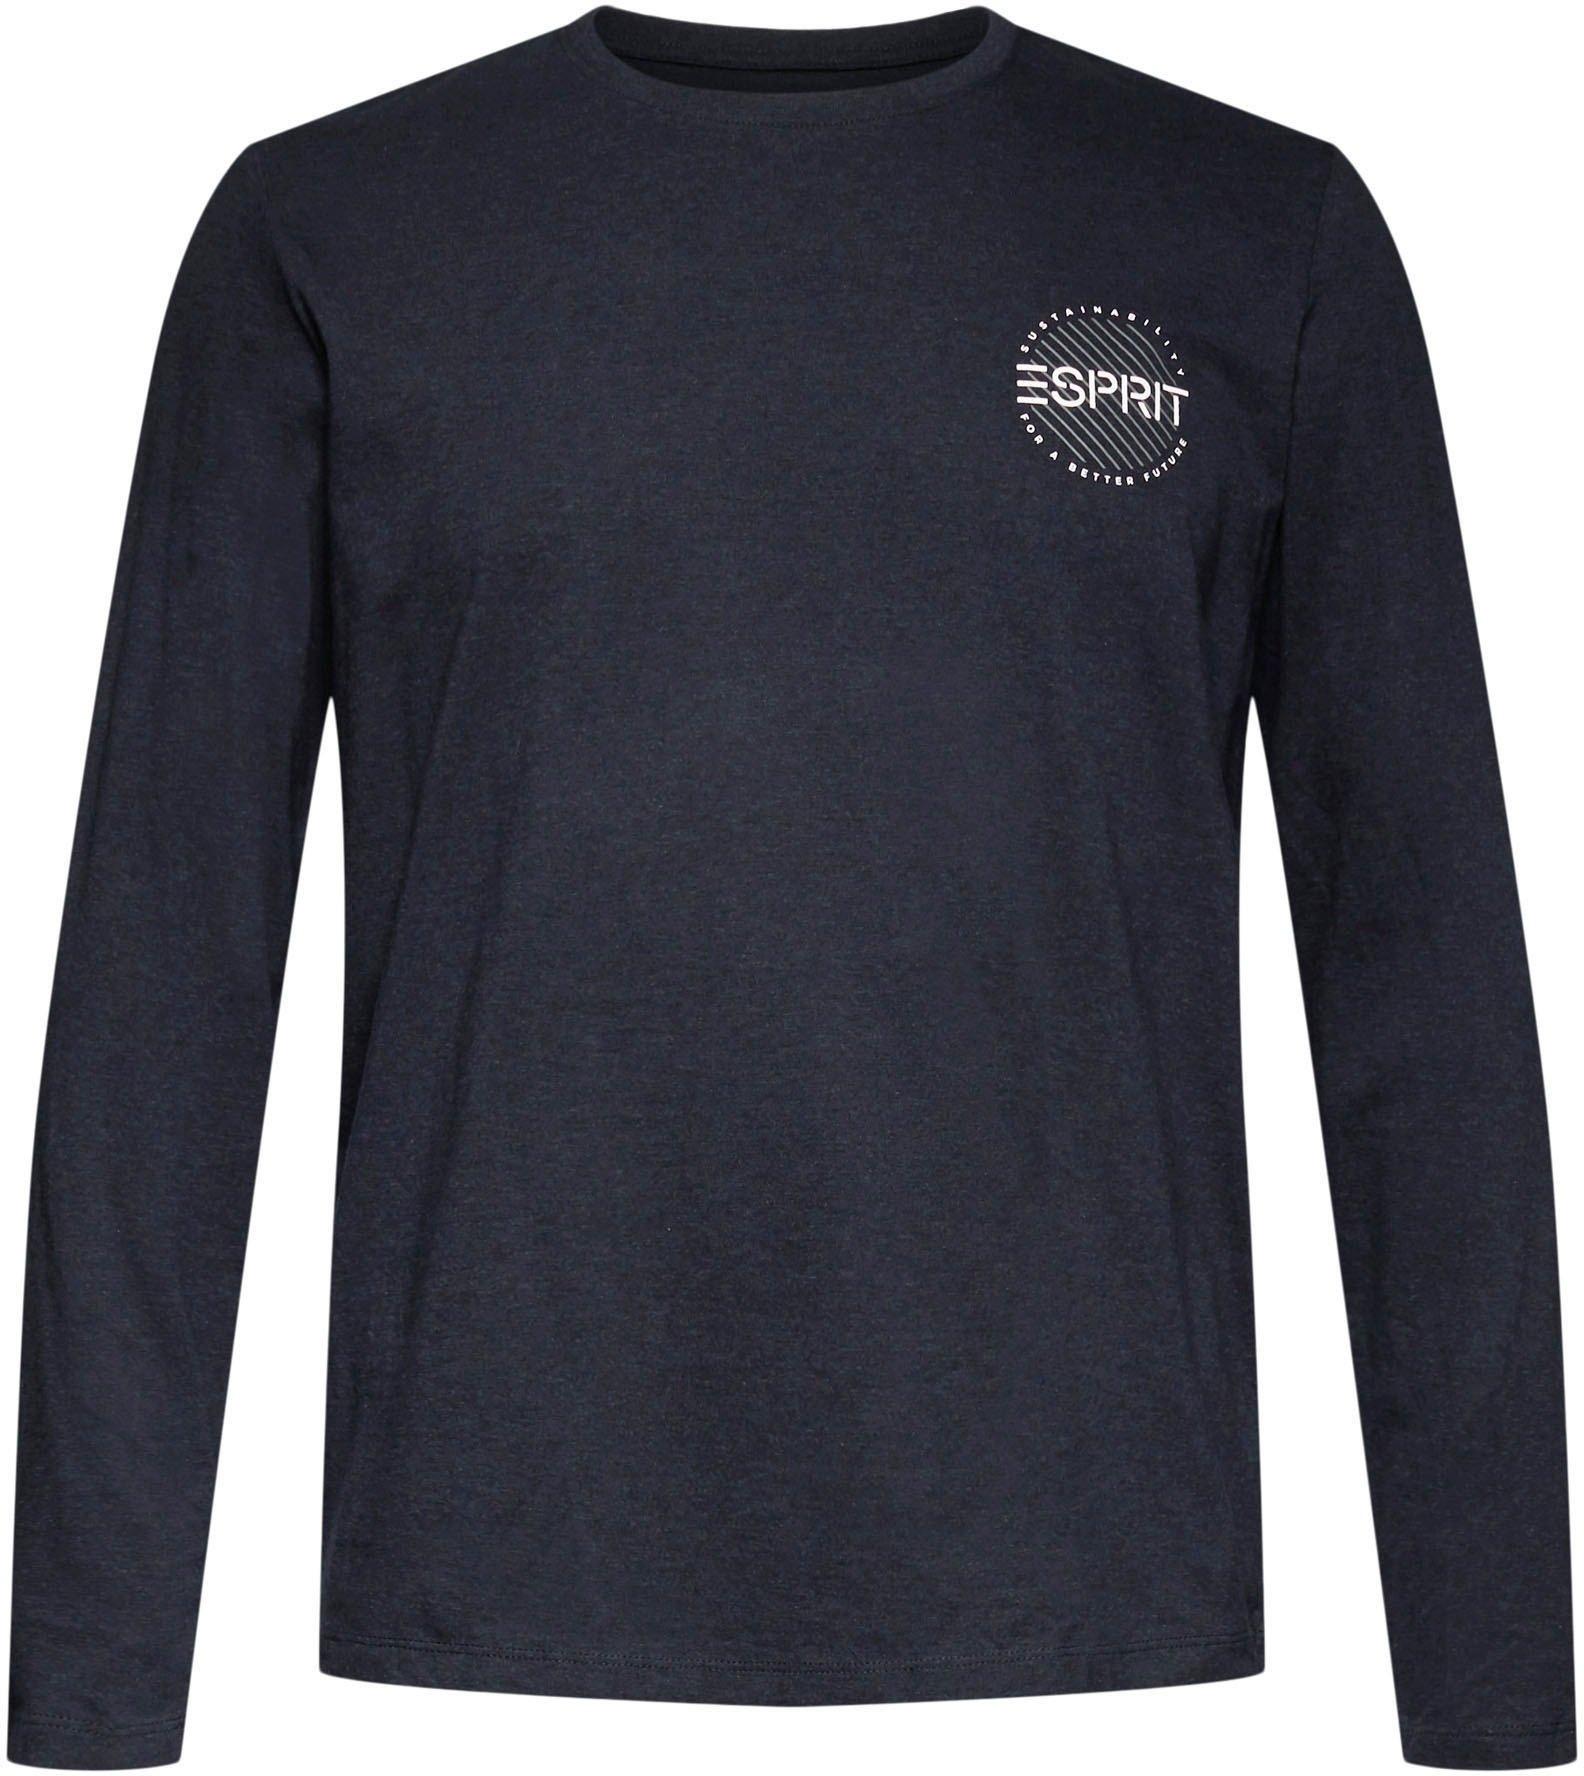 ESPRIT shirt met lange mouwen nu online bestellen